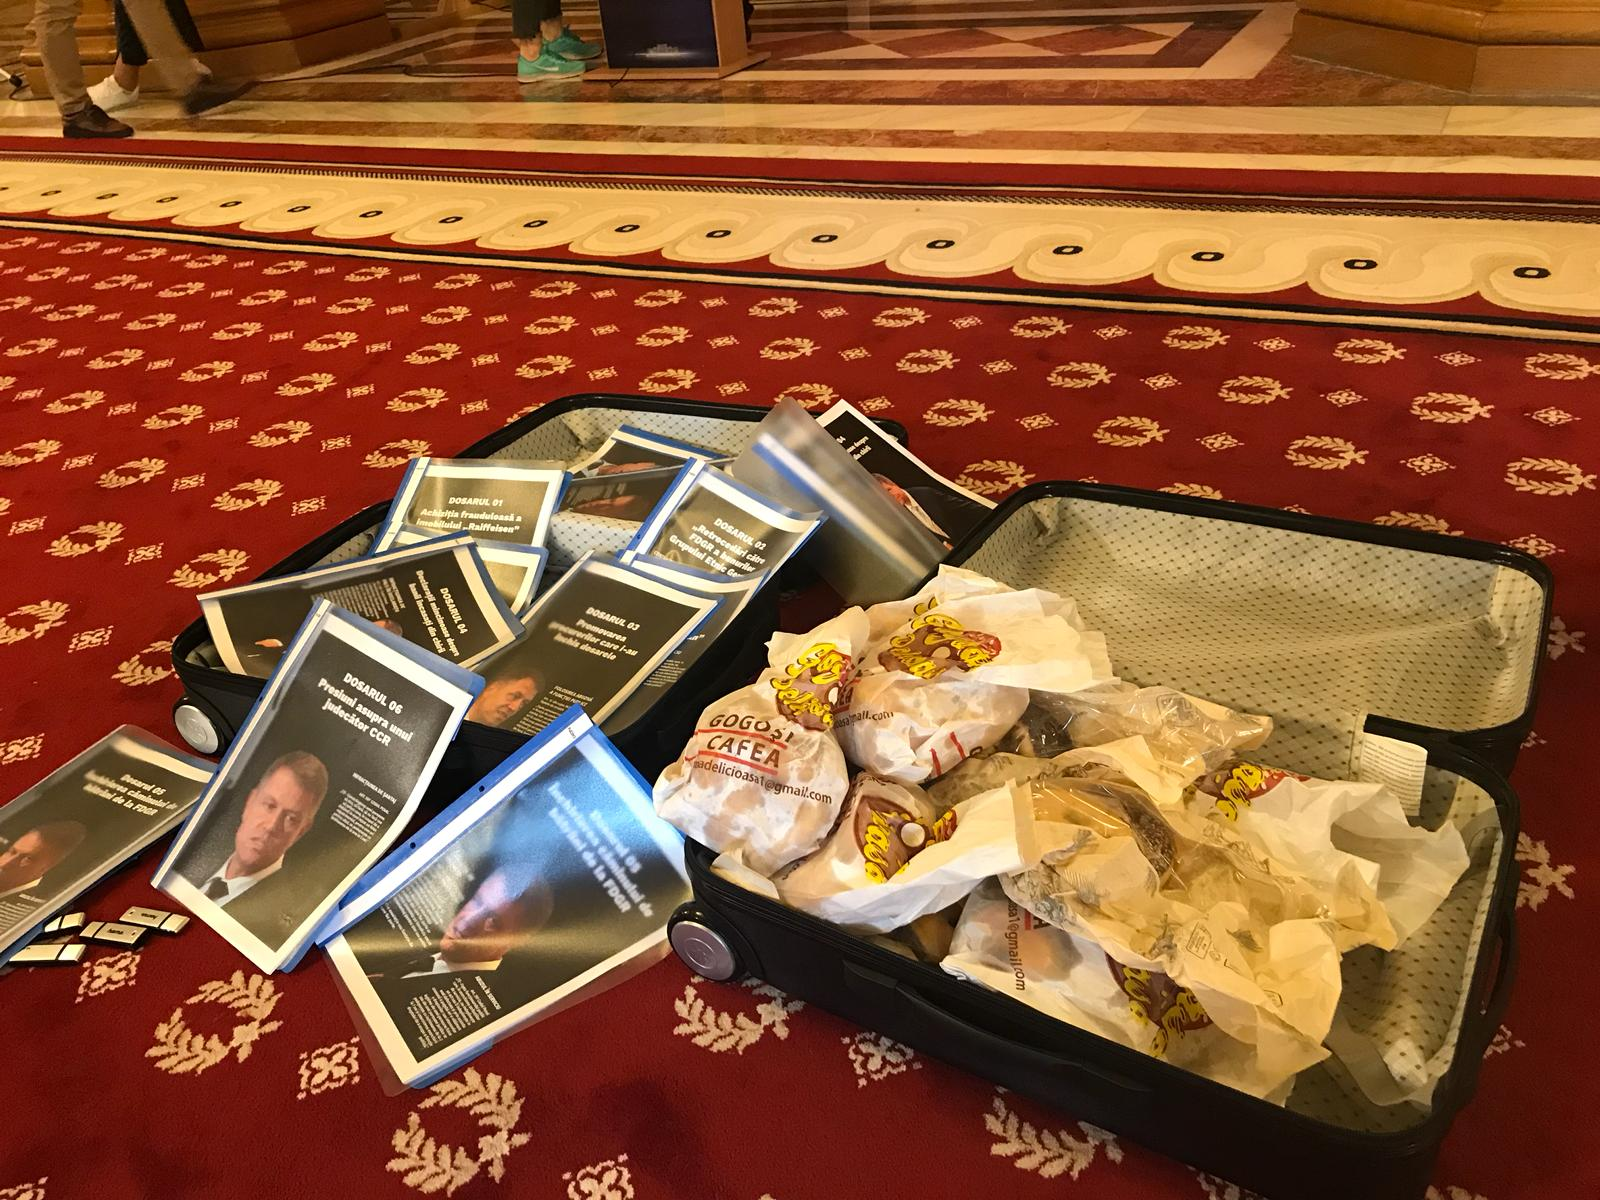 Scandalul Tel Drum. Liviu Dragnea a prezentat jurnaliștilor două valize cu dosare și gogoși